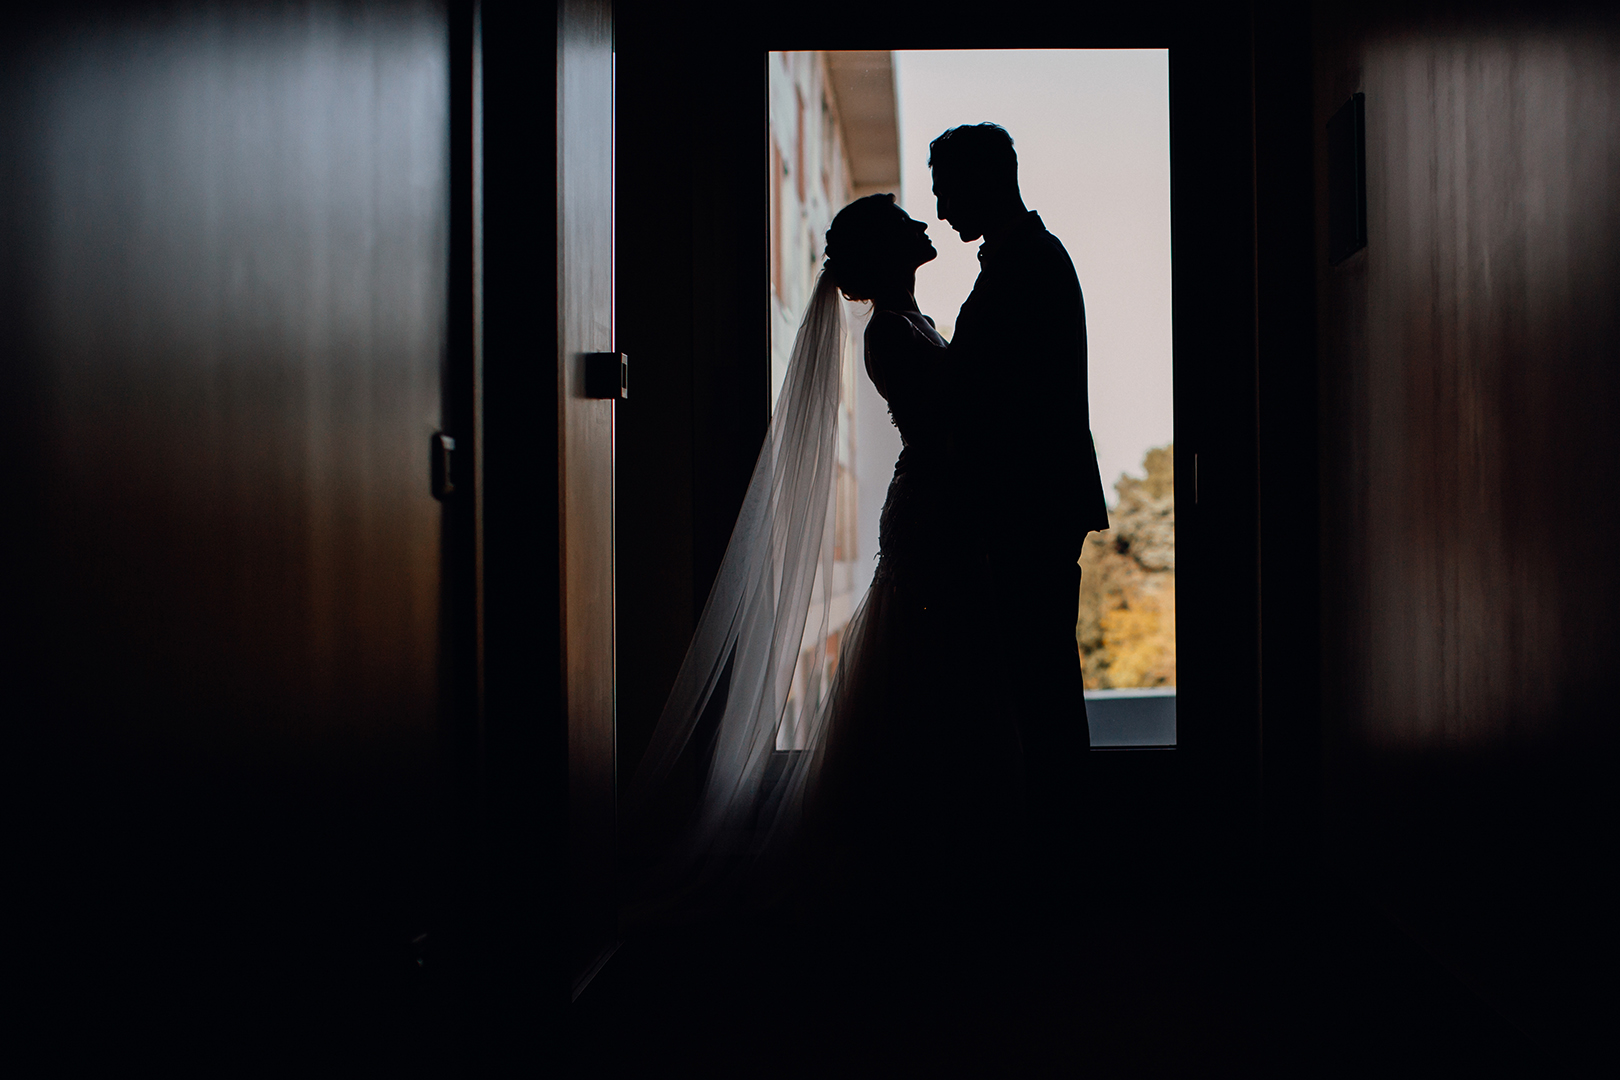 gianni-lepore-matrimonio-foto-silhouette